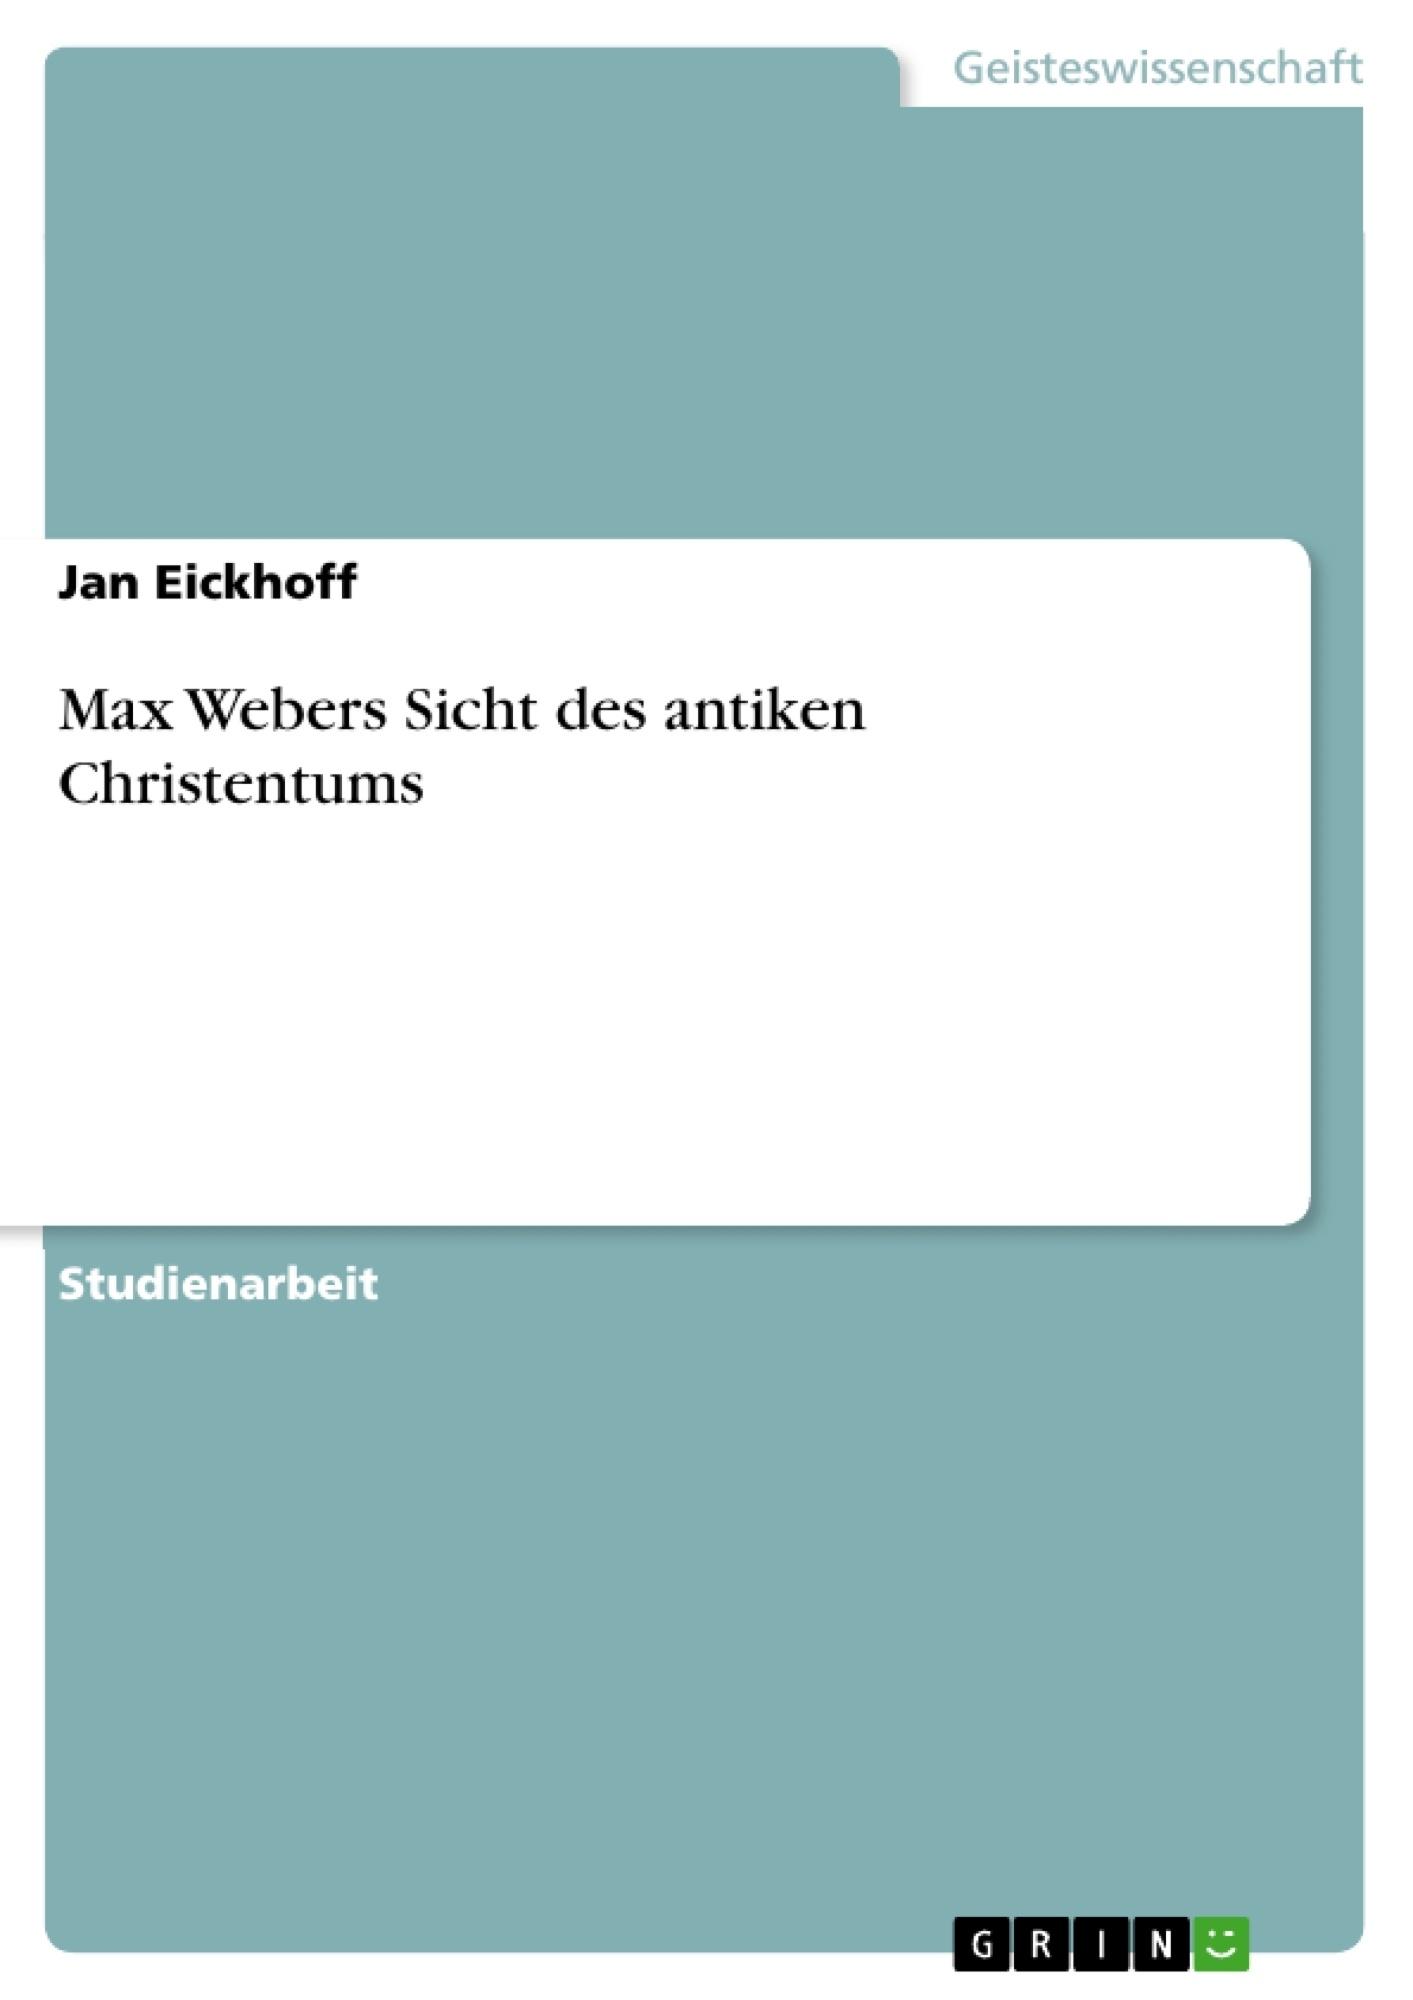 Titel: Max Webers Sicht des antiken Christentums